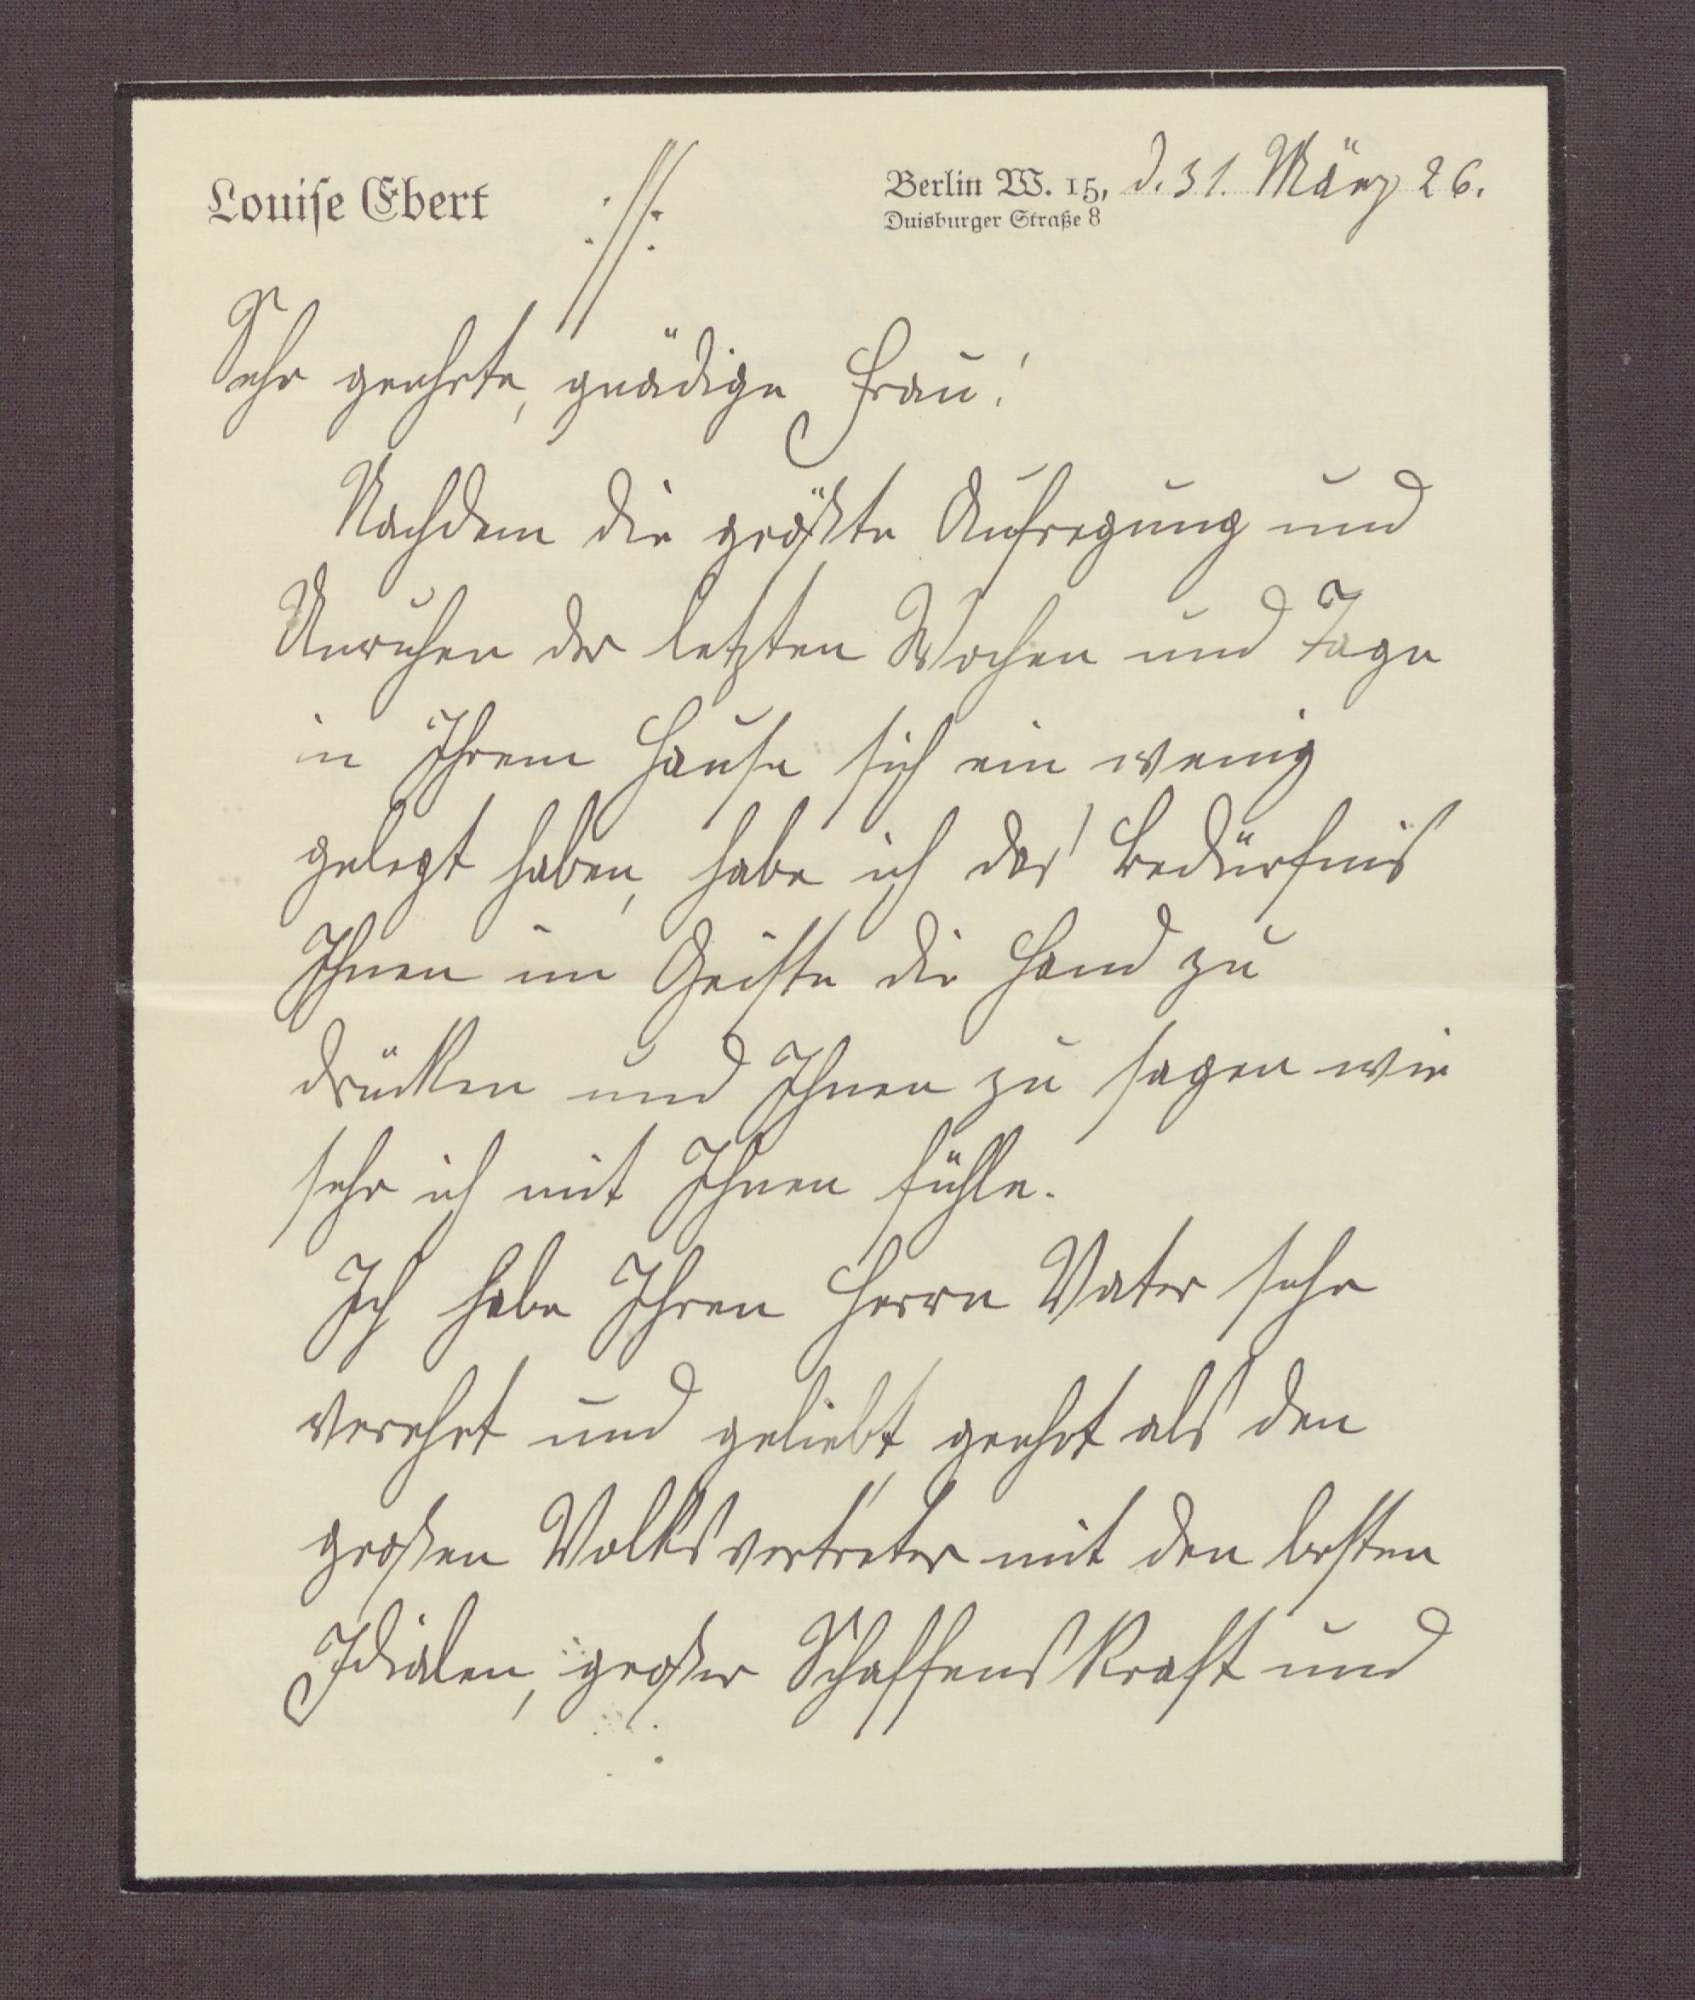 Schreiben von Louise Ebert, Berlin, an Elisabeth Rosset, Kondolenzbrief zum Tod von Constantin Fehrenbach, Bild 3